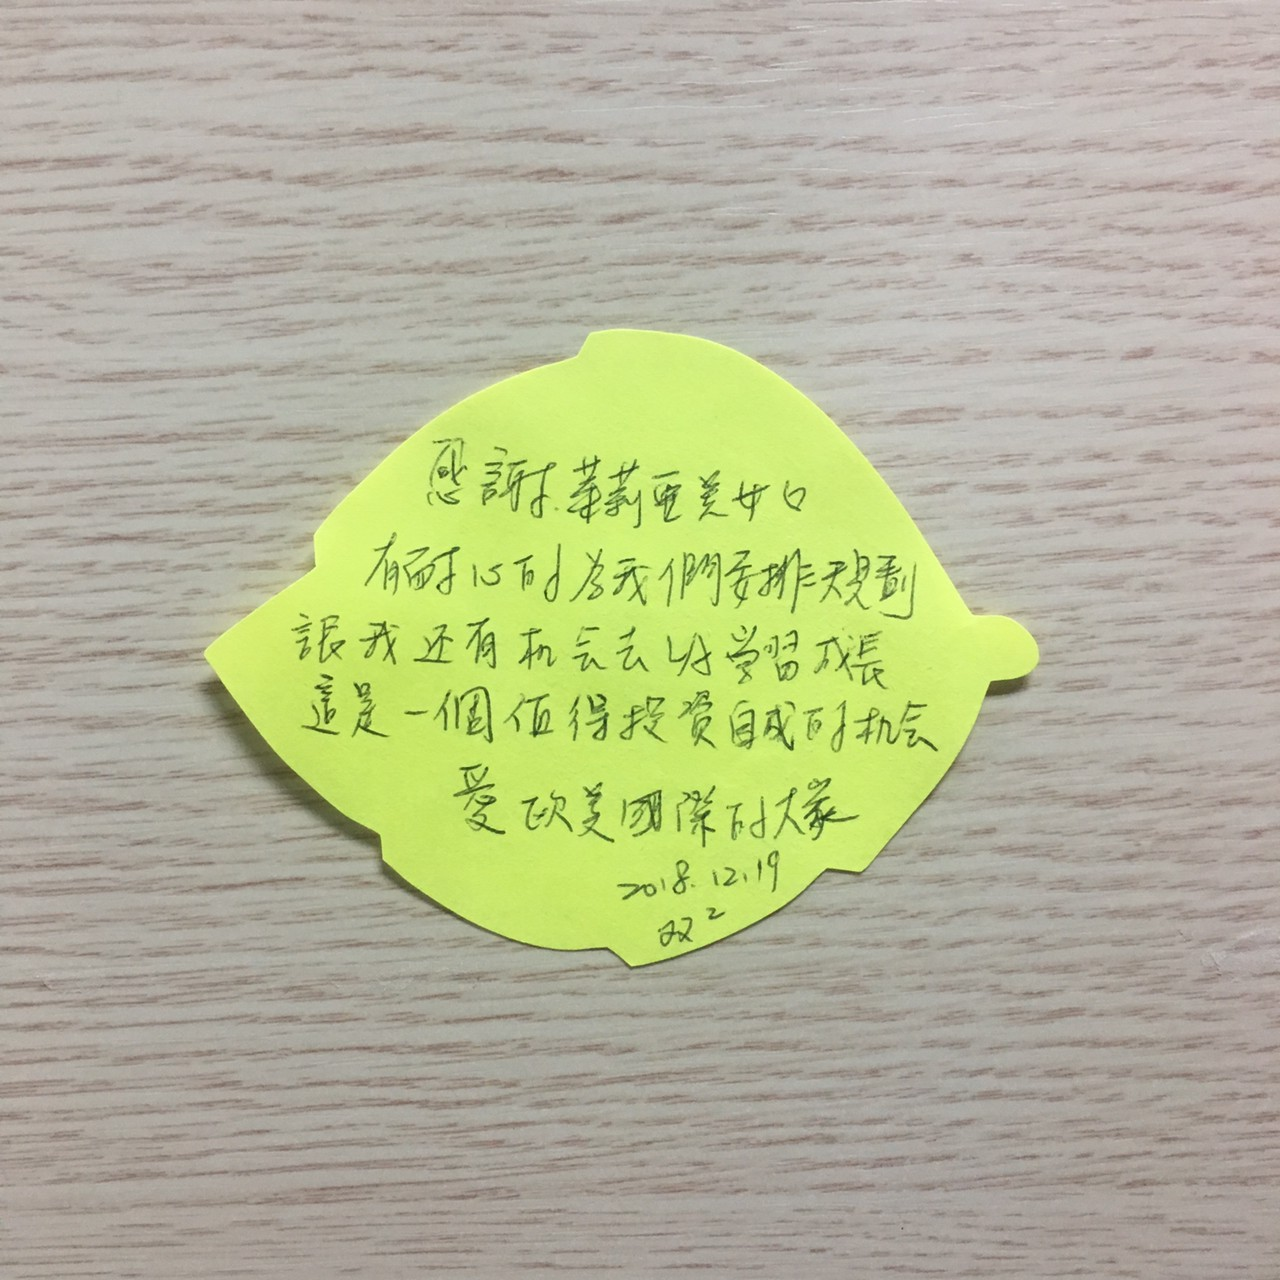 蔡旻錦-美國遊學